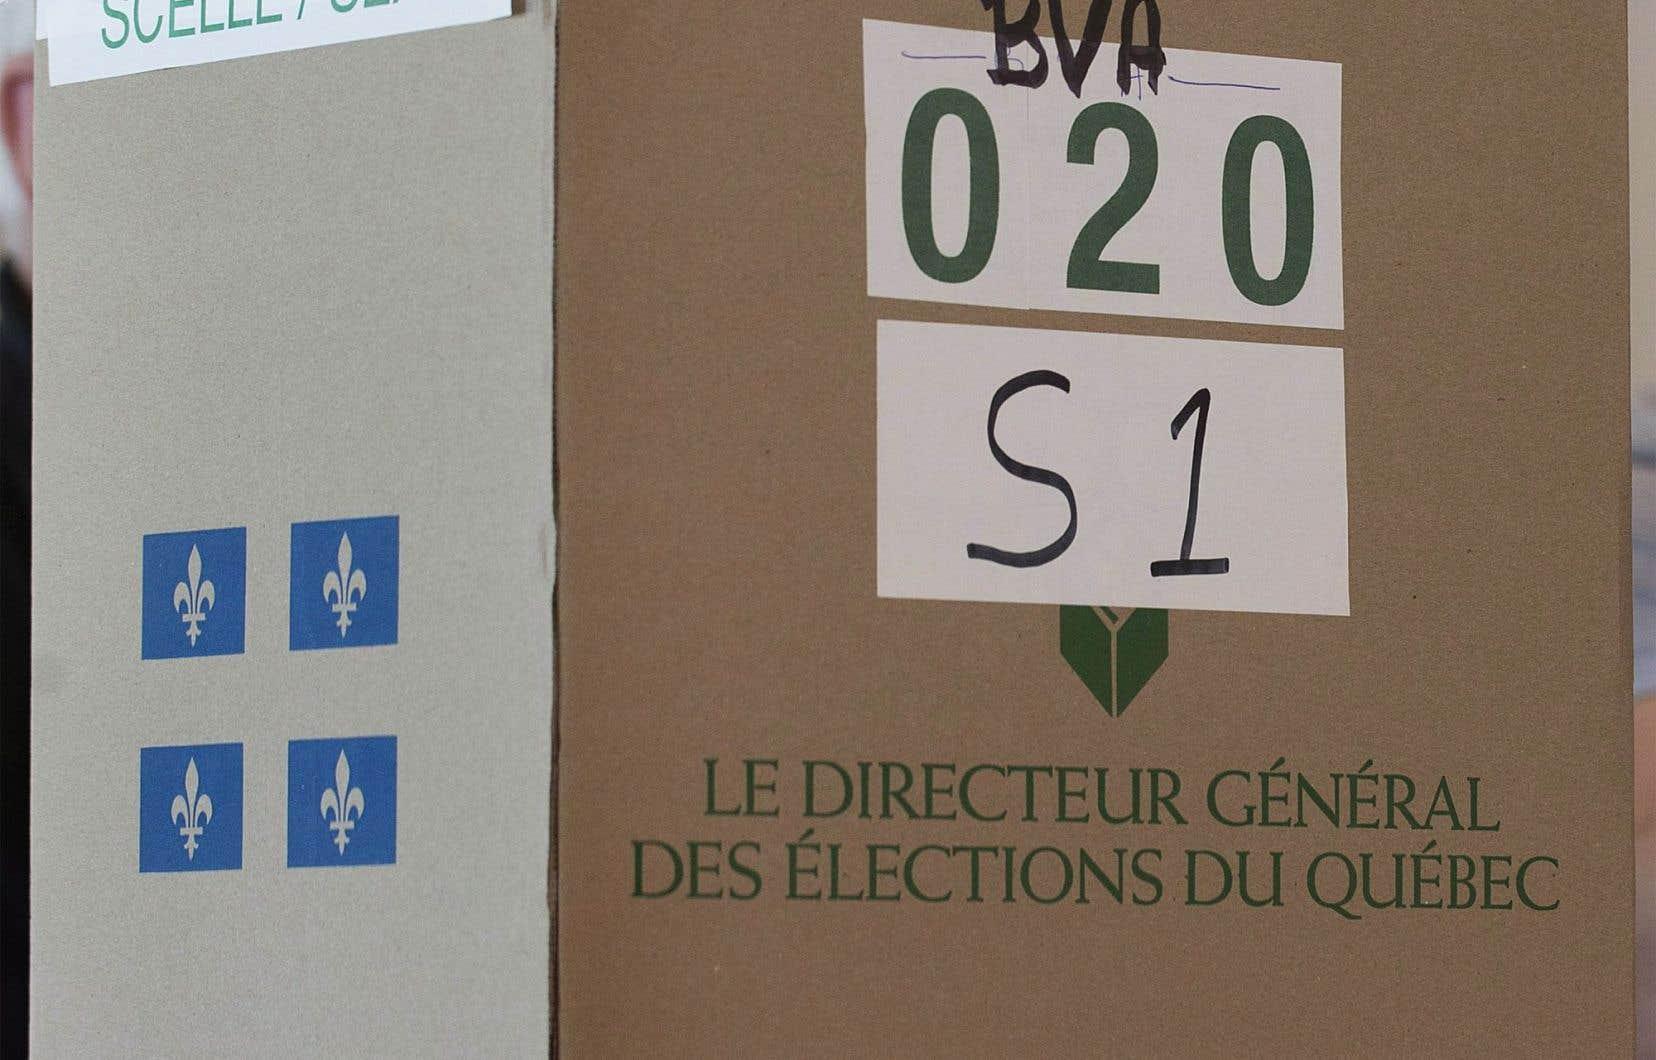 Le scrutin aura lieu le 29mai. Quelque 44000 électeurs pourront exercer leur droit de vote, selon le DGE.